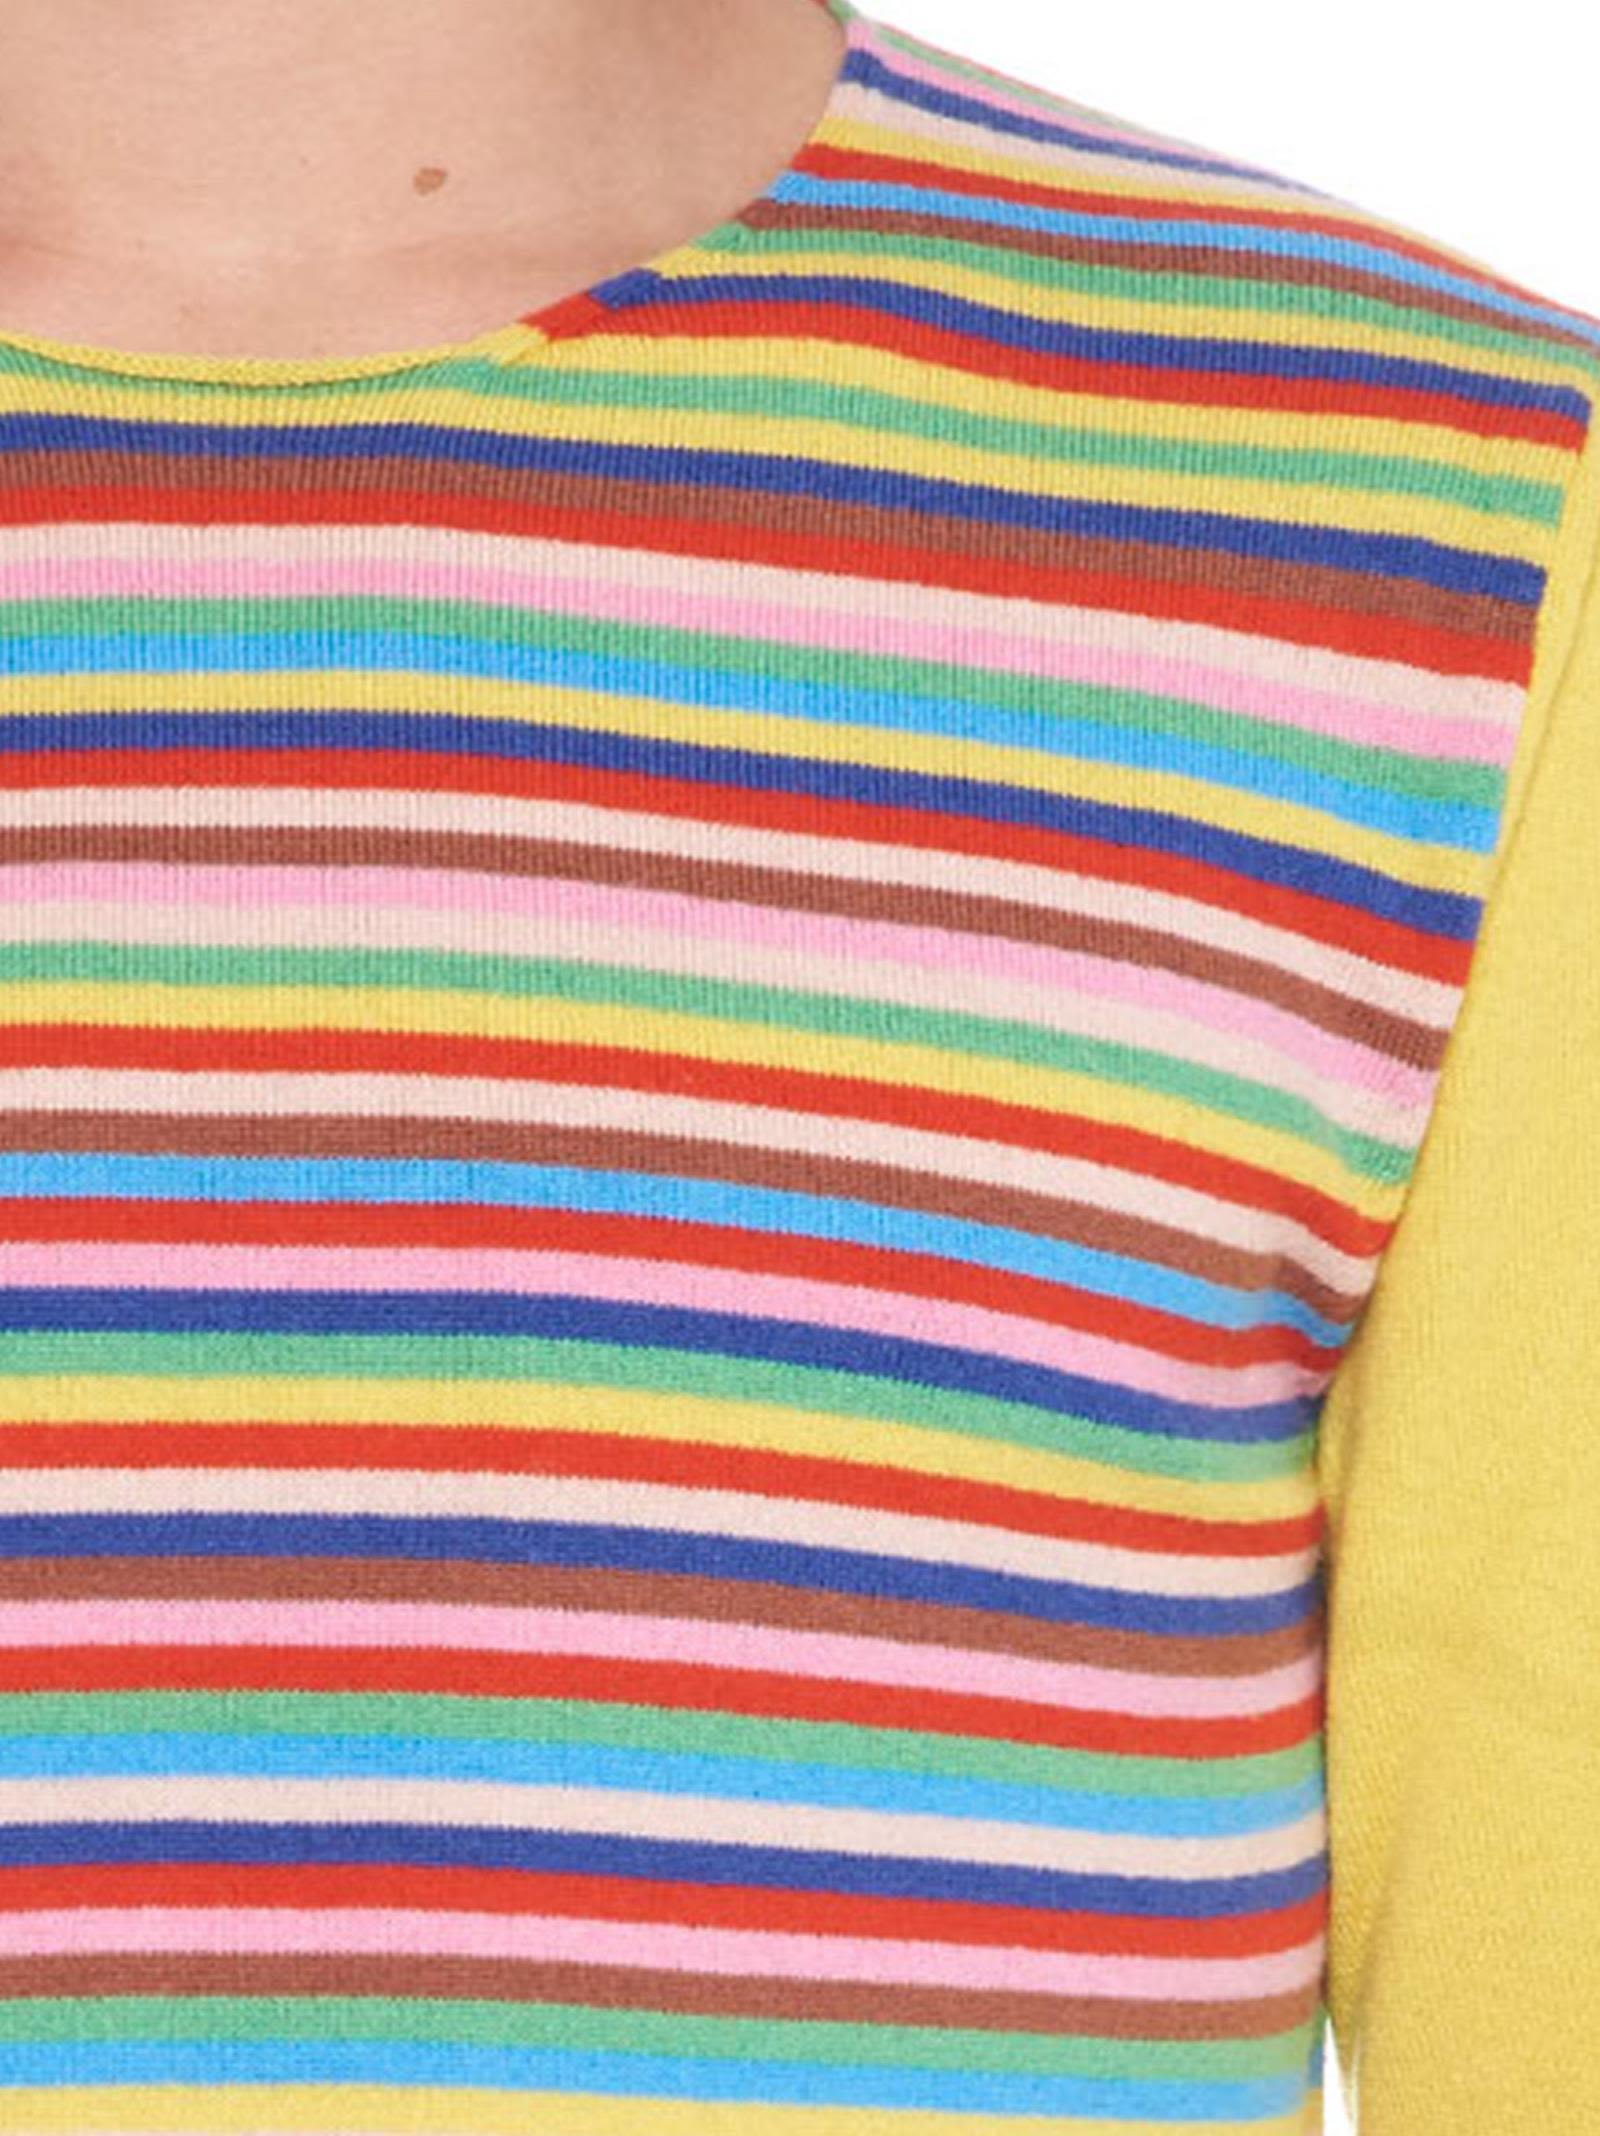 COMME DES GARÇONS BOYS Comme Des Garçons Boys Sweater in Multicolor